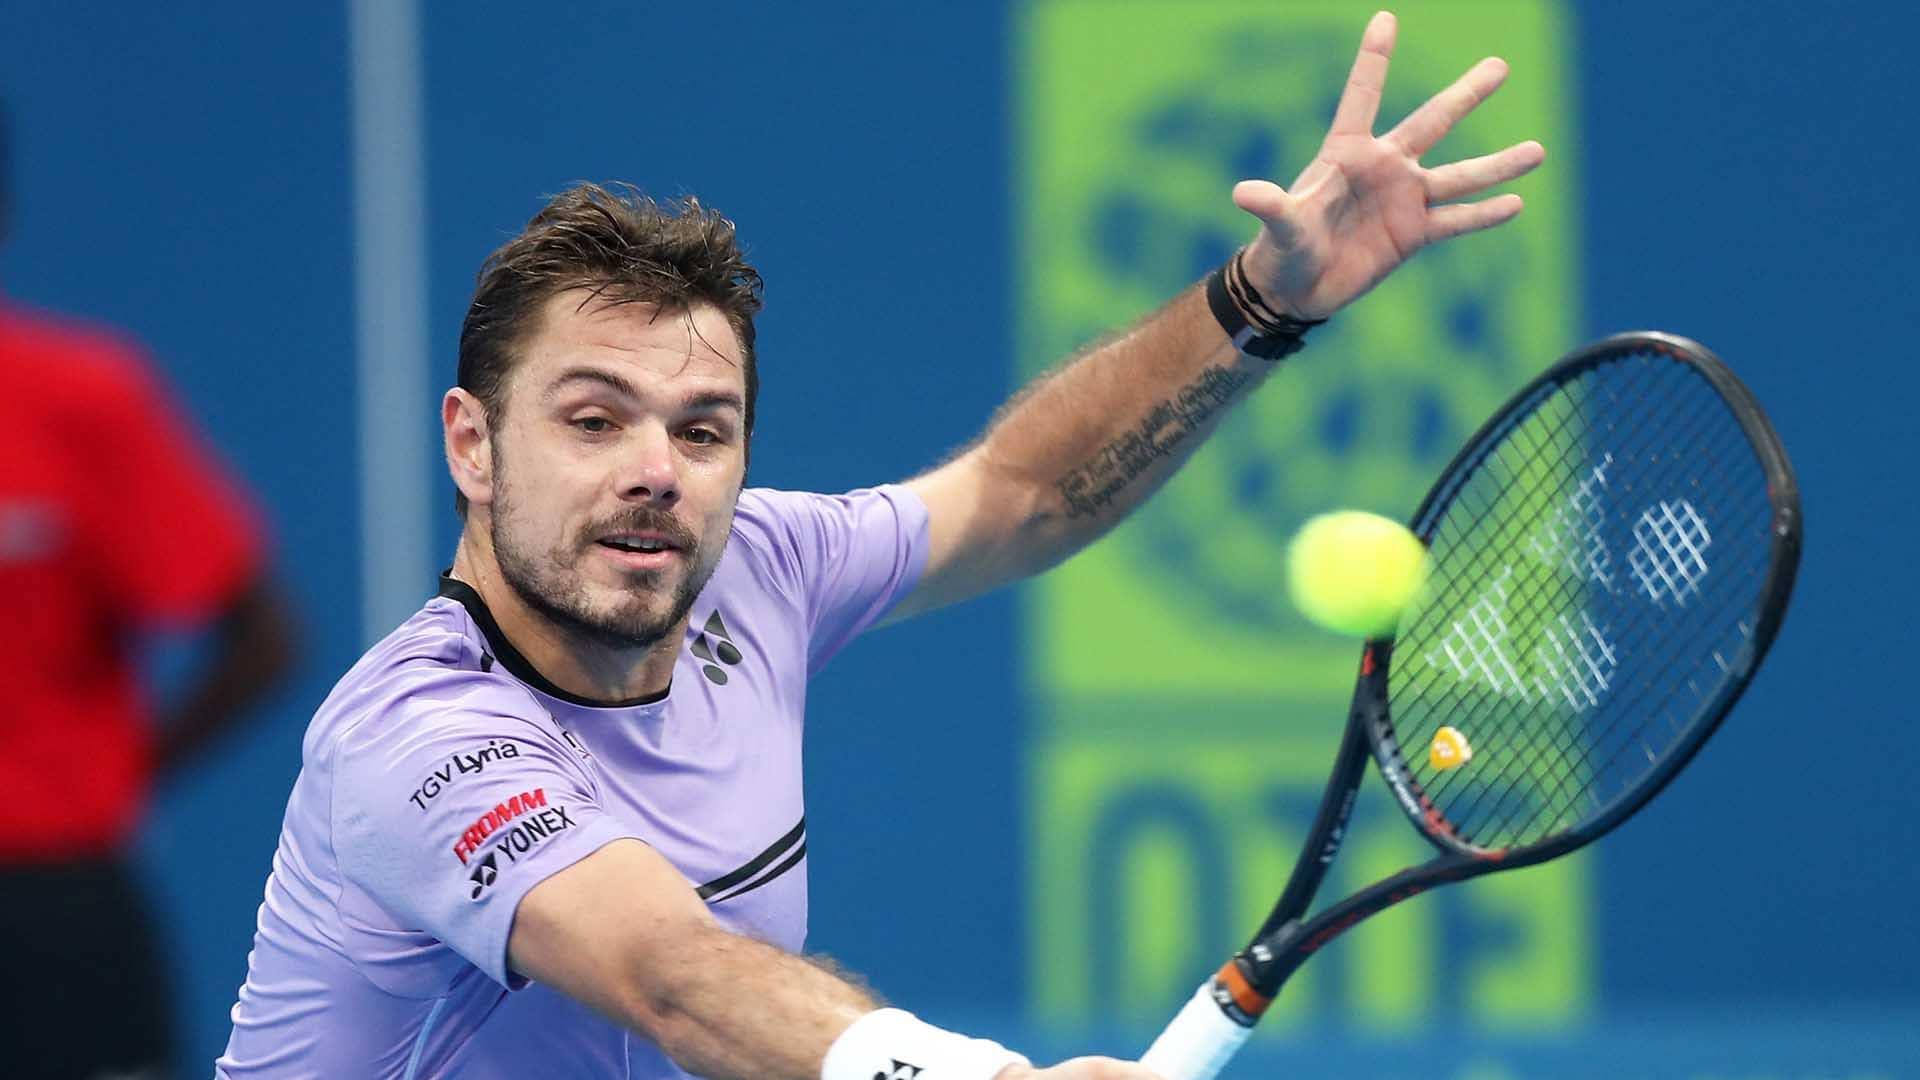 Состоялась жеребьевка турнира ATP в Дохе